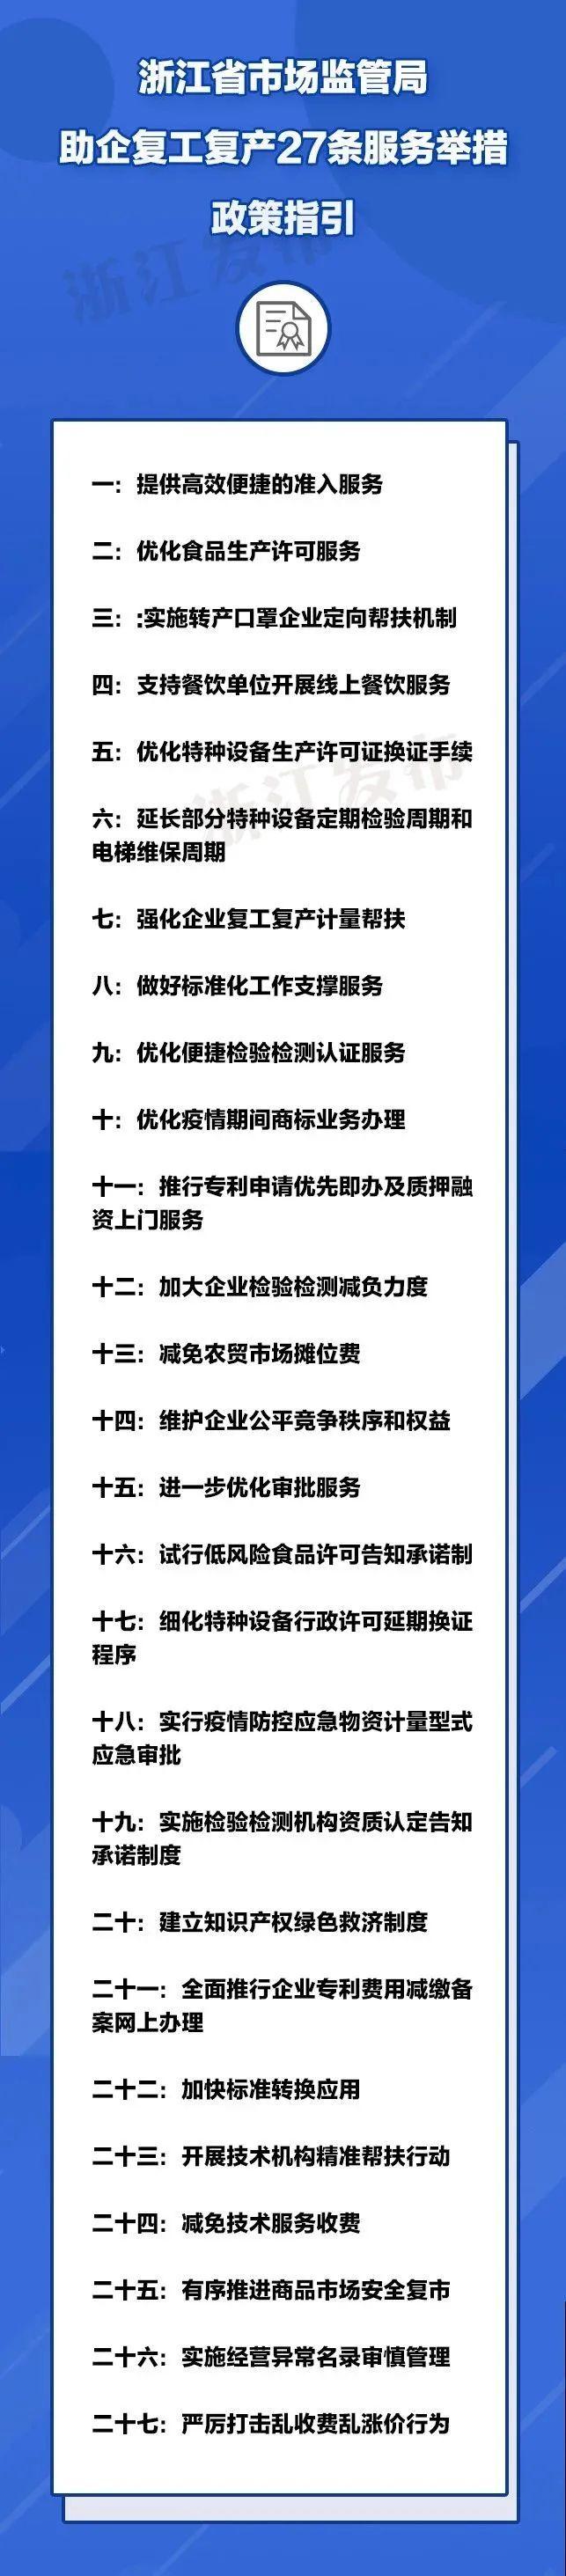 浙江27条服务举措,助力企业复工复产